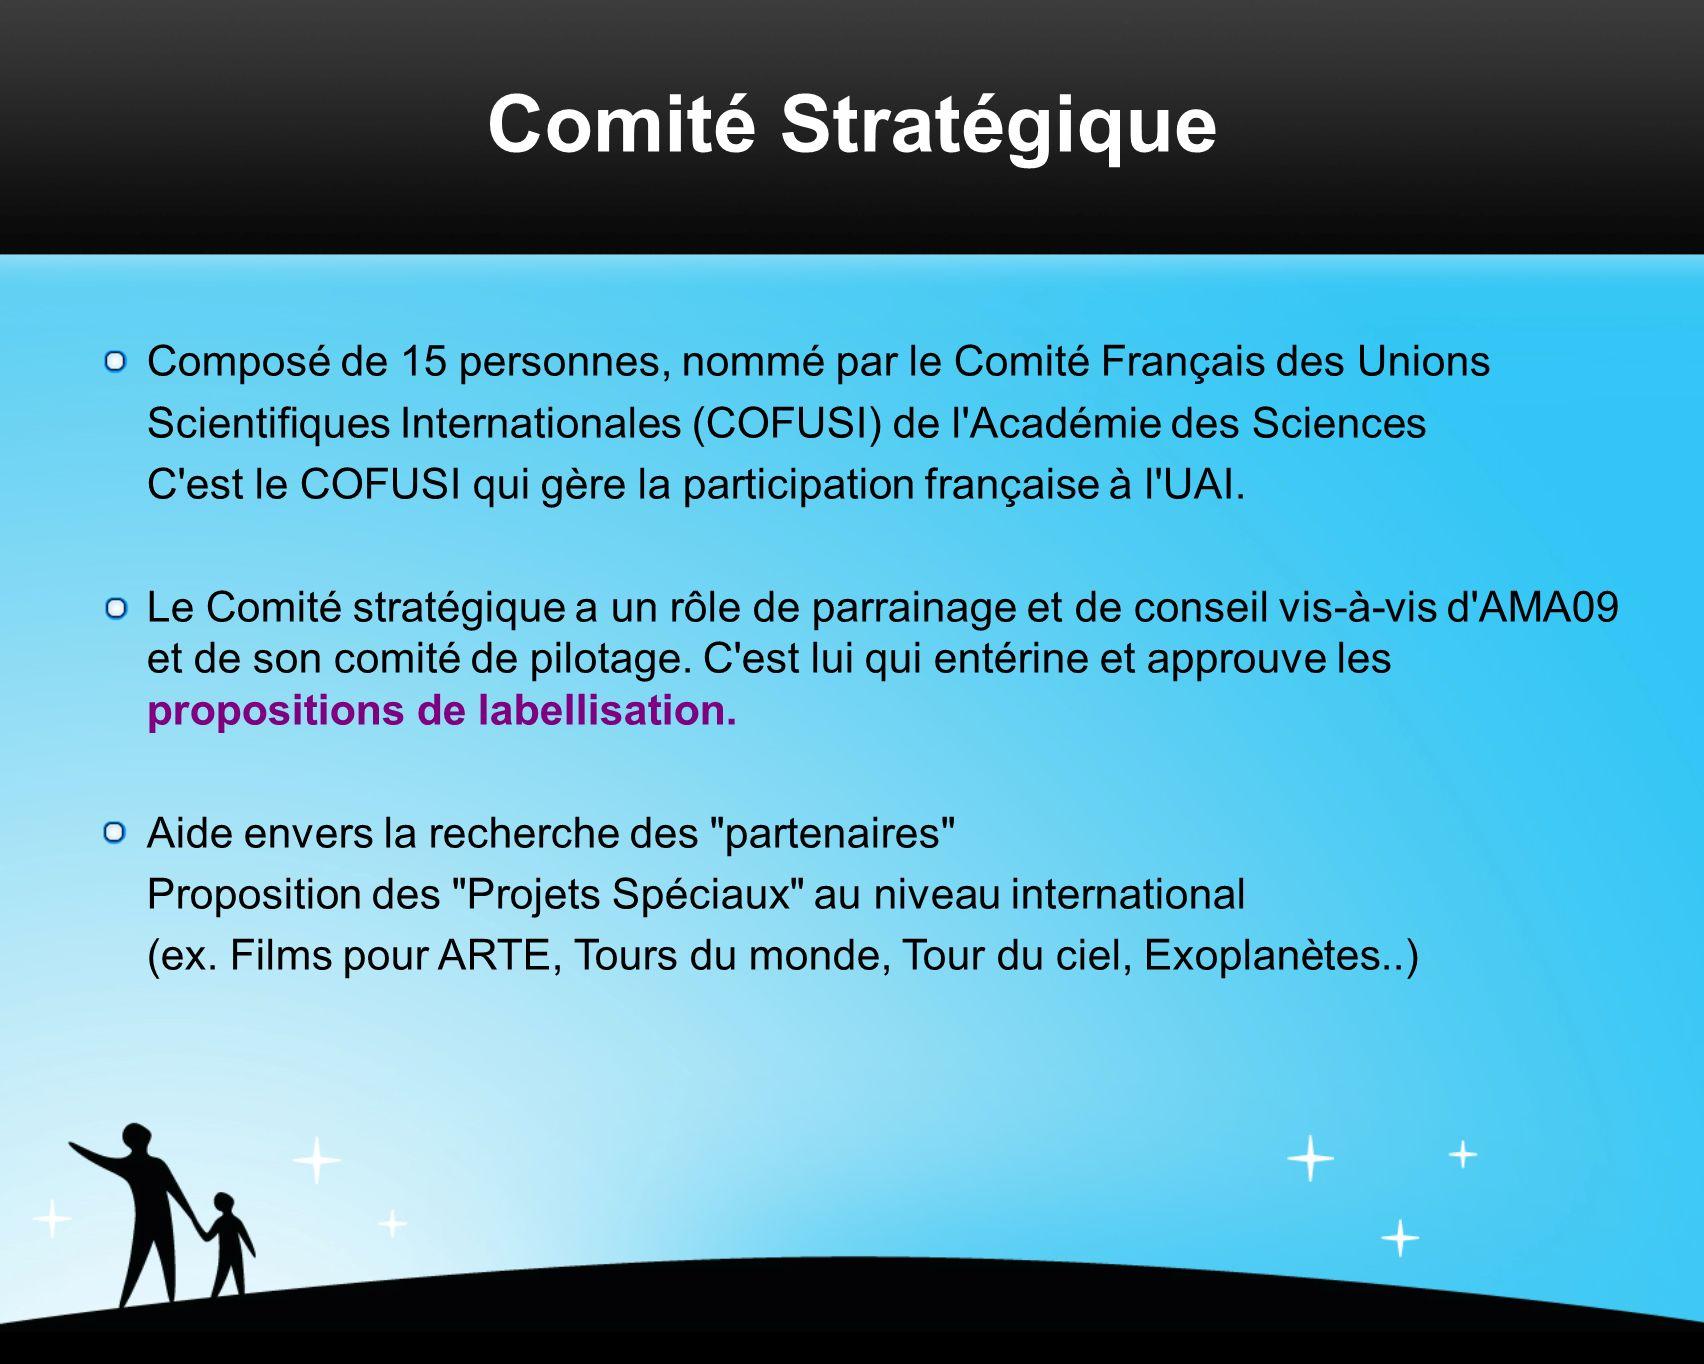 Comité Stratégique Composé de 15 personnes, nommé par le Comité Français des Unions Scientifiques Internationales (COFUSI) de l Académie des Sciences C est le COFUSI qui gère la participation française à l UAI.